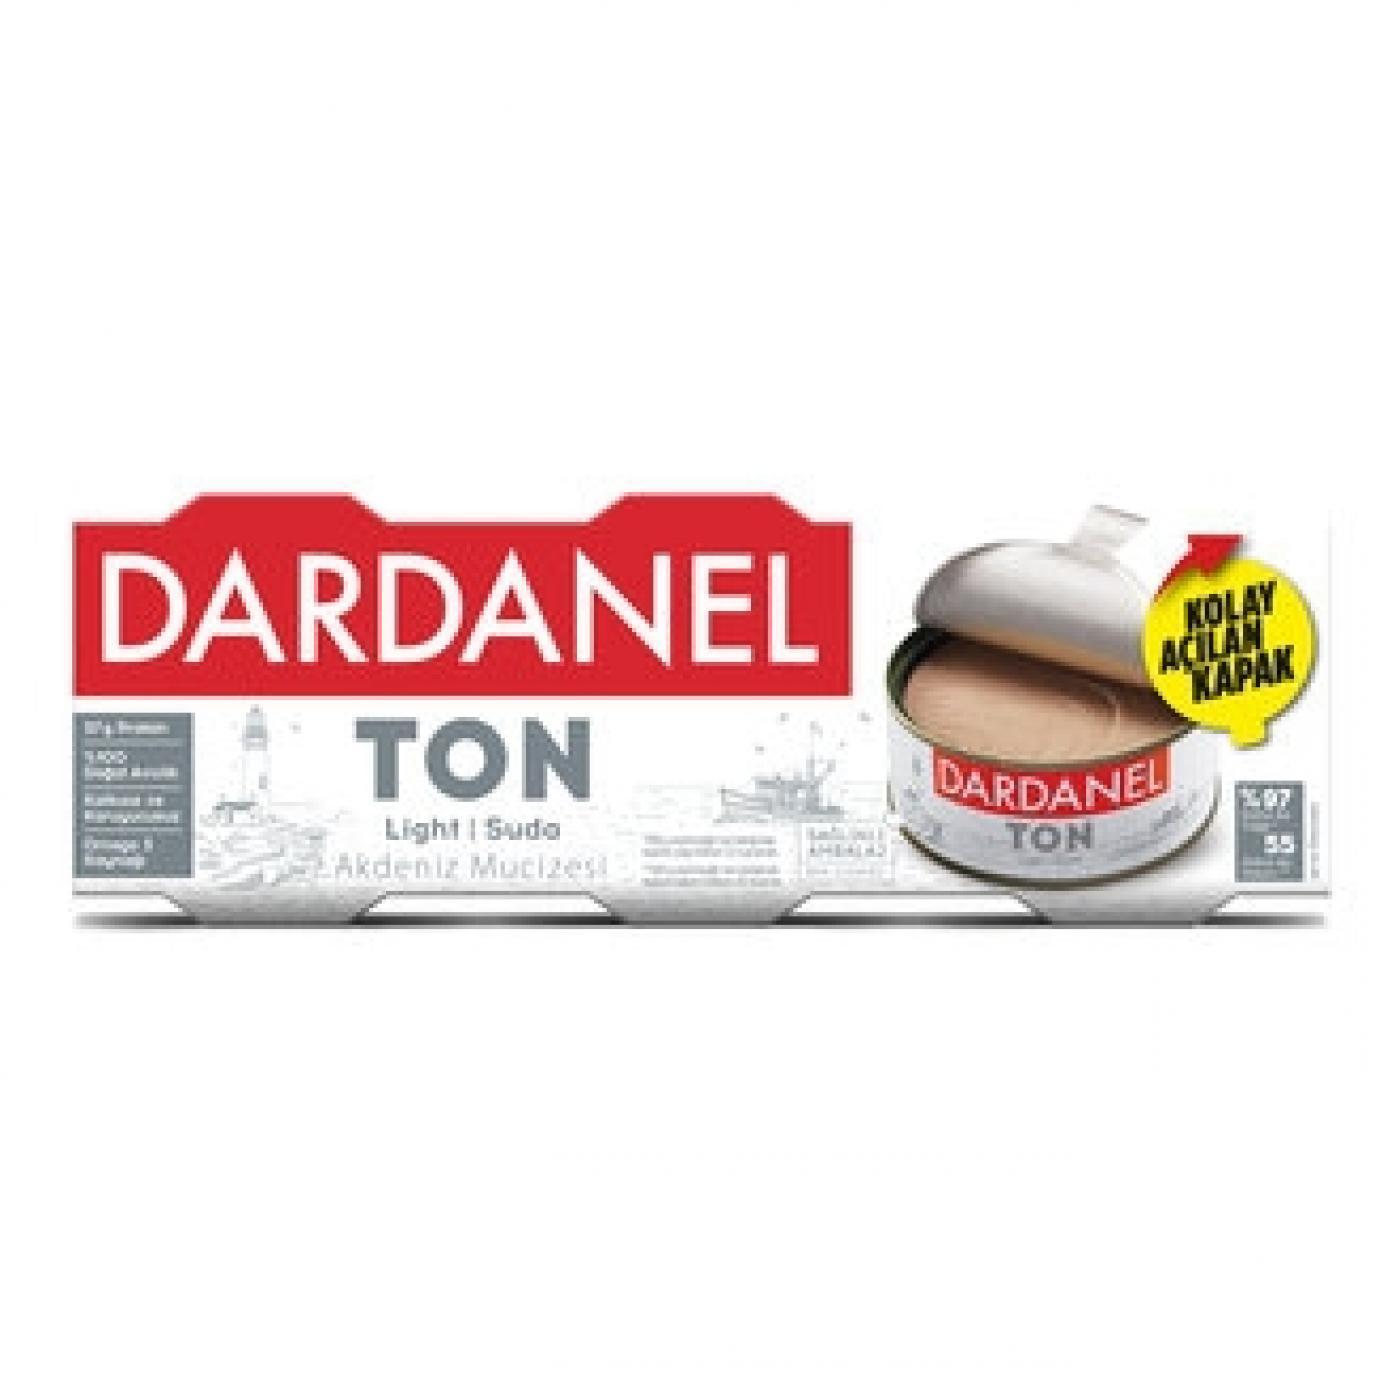 DARDANEL TON BALIĞI 75GR LIGHT 3LÜ